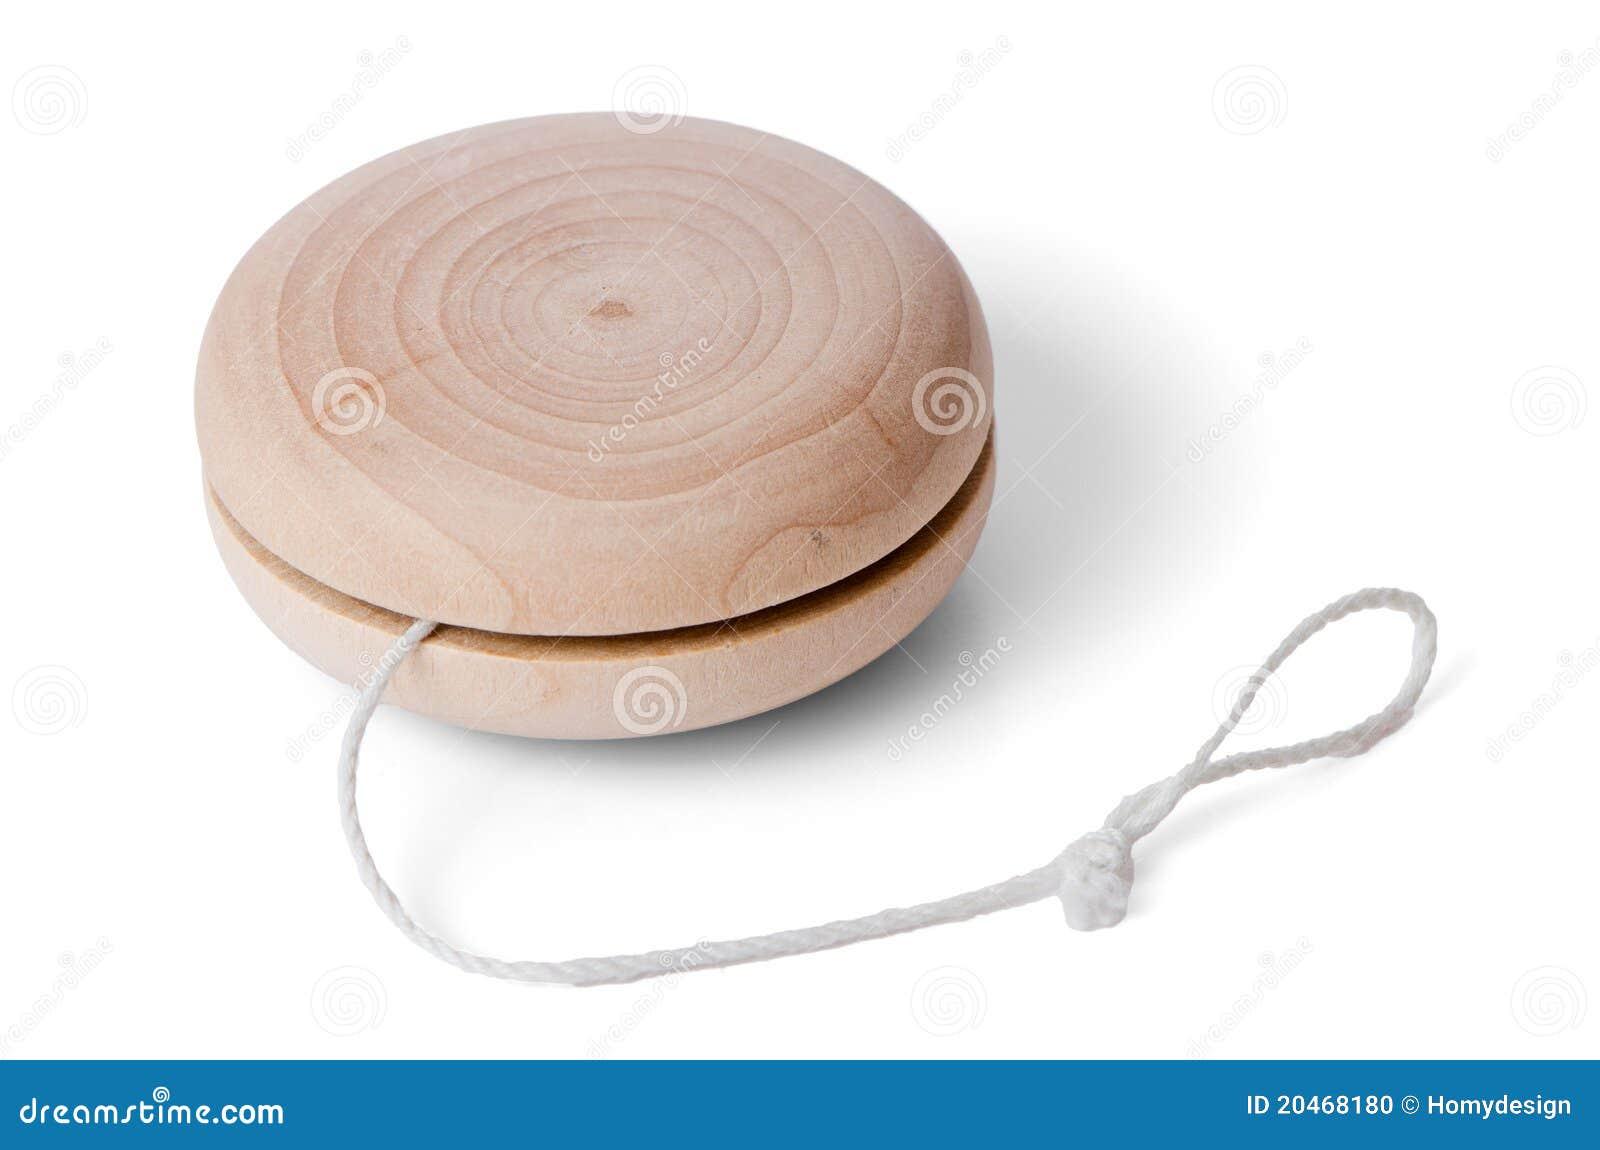 Как сделать йо йо своими руками из дерева